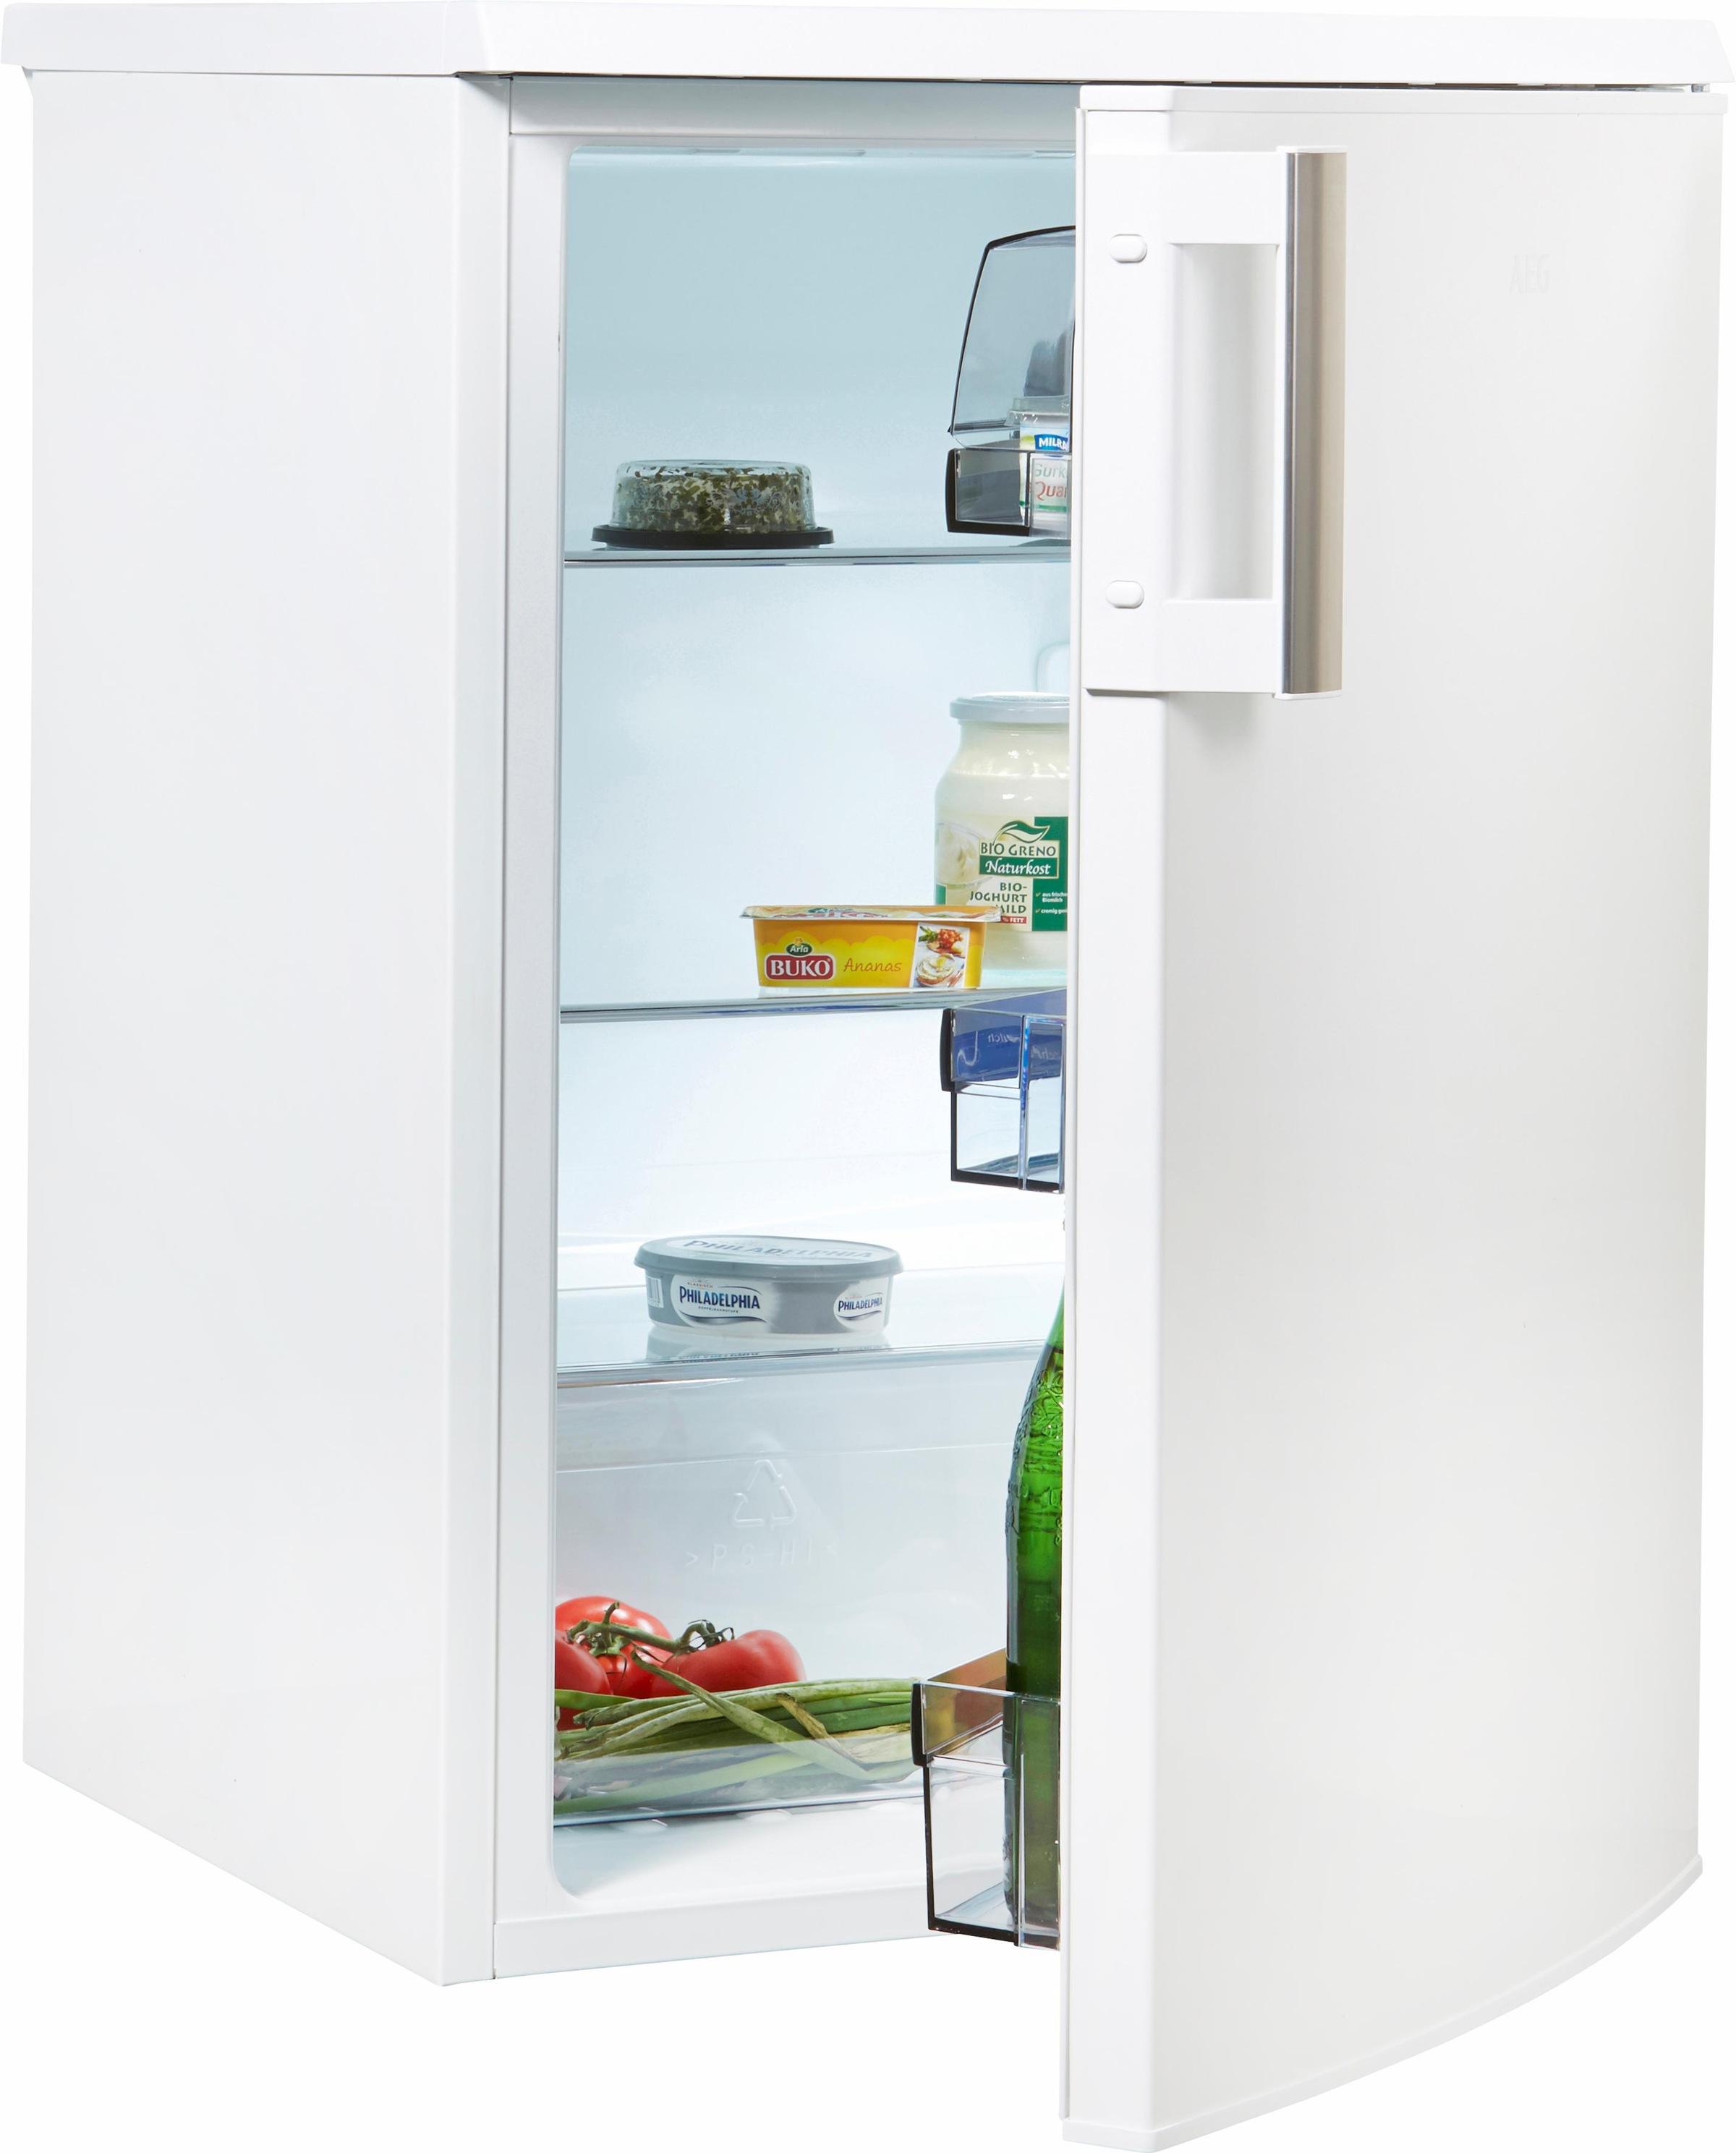 Aeg Kühlschrank Preise : Aeg kühlschränke online shop aeg kühlschränke kaufen baur